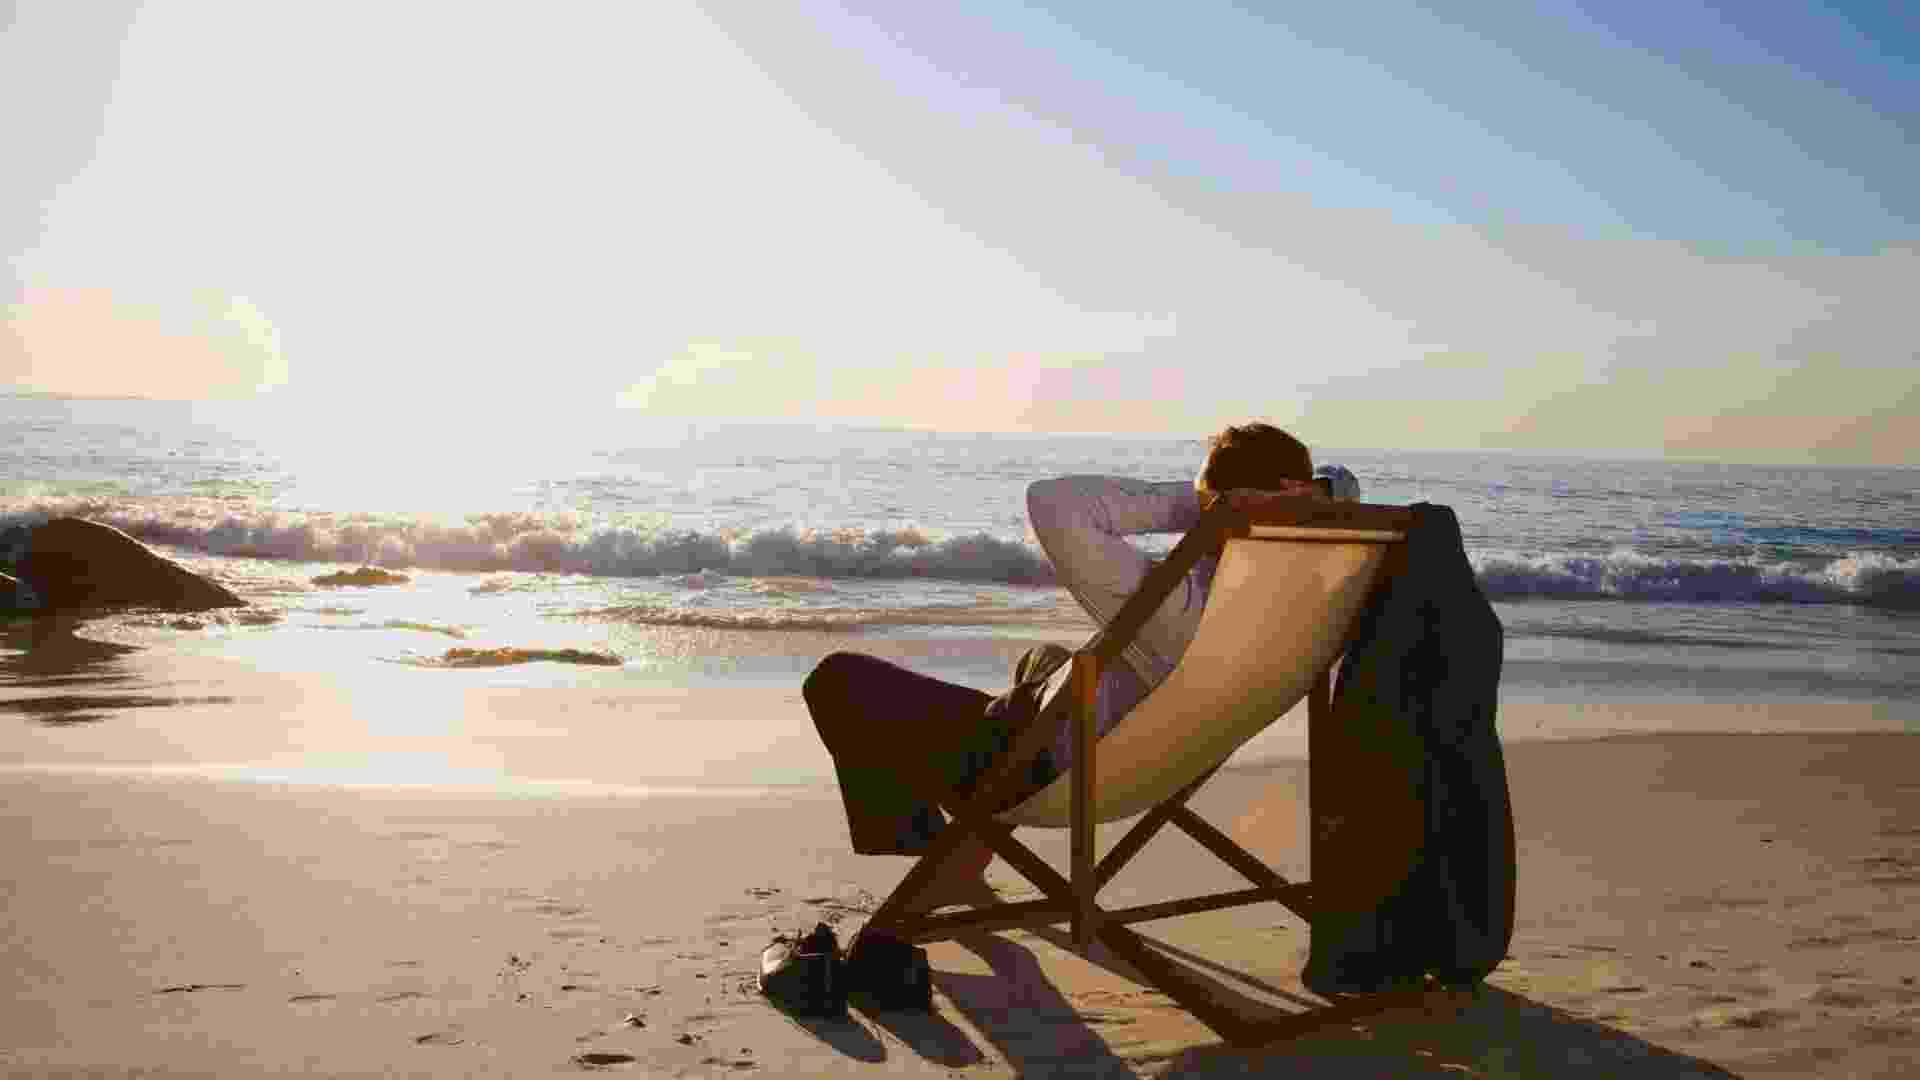 relaxar, vida melhor, praia, descansar, homem, emprego - Thinkstock